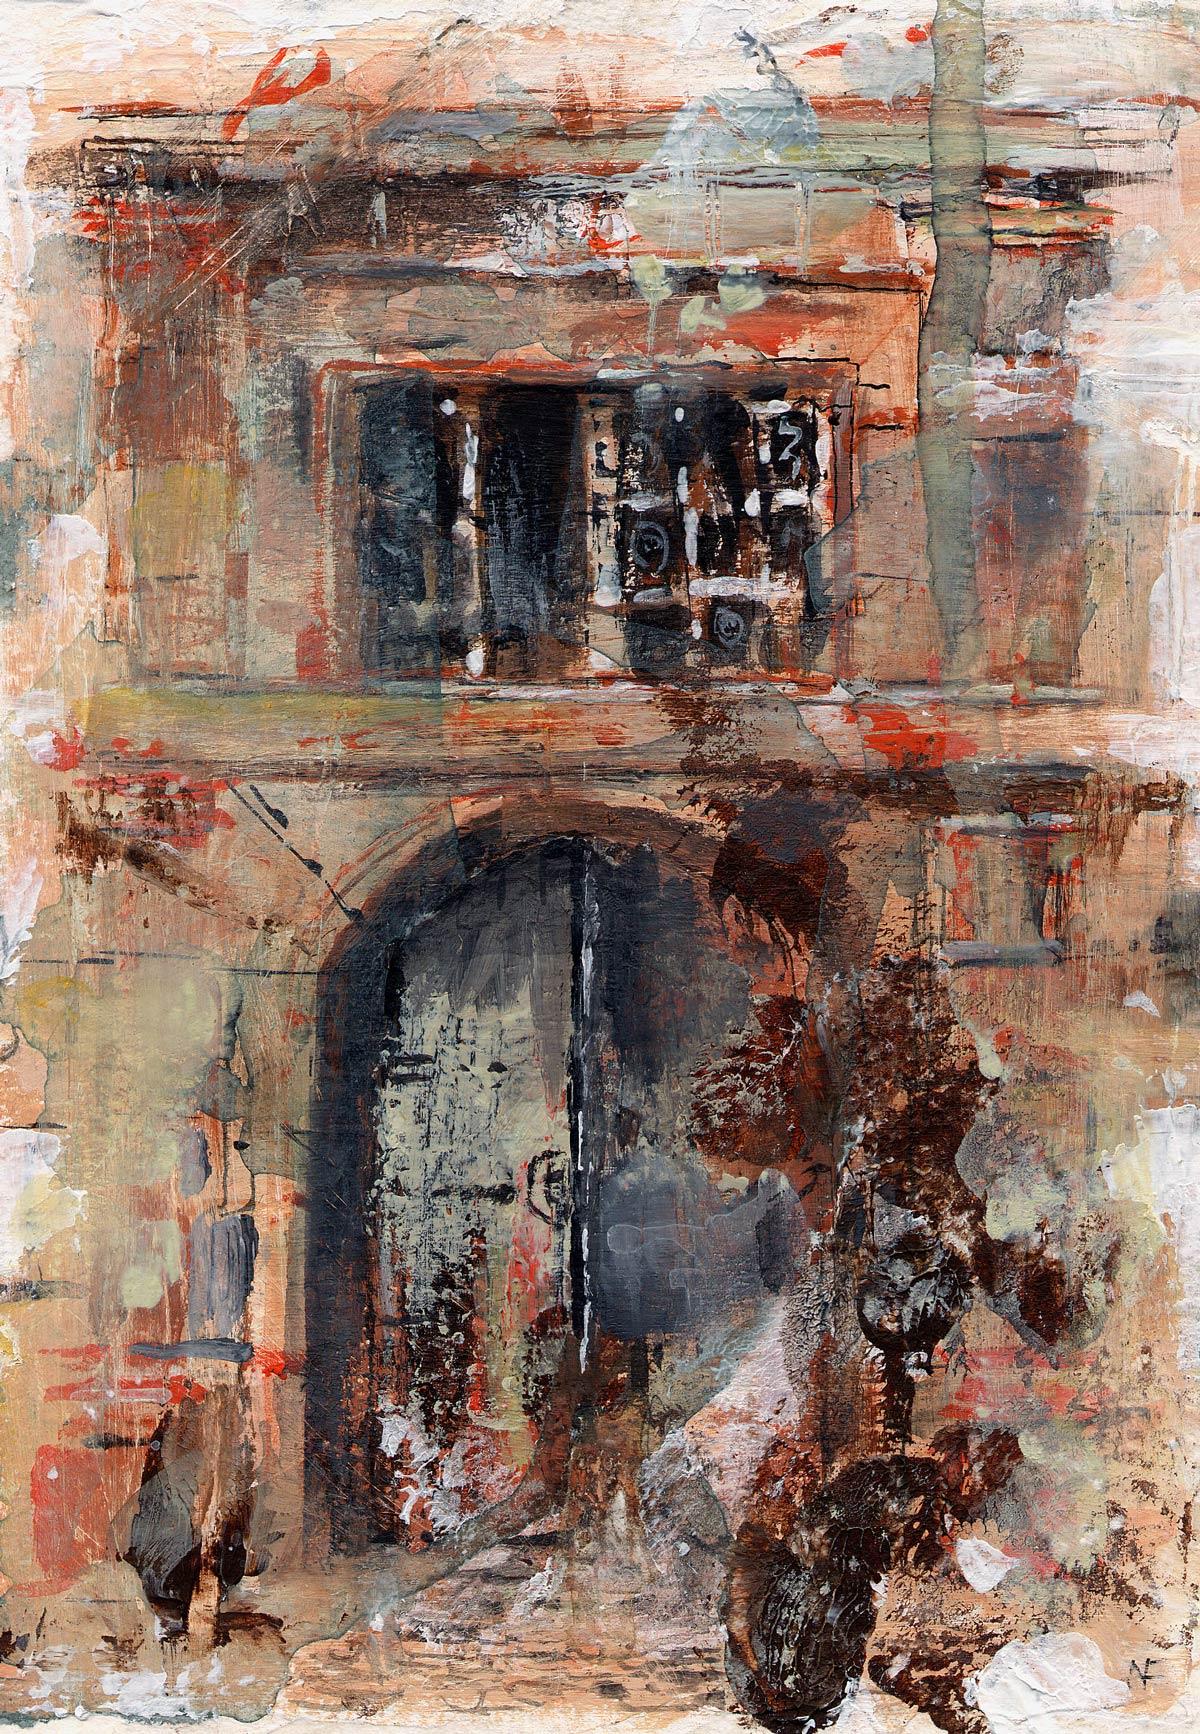 Chateau du Sirey III 17 x 12 cm